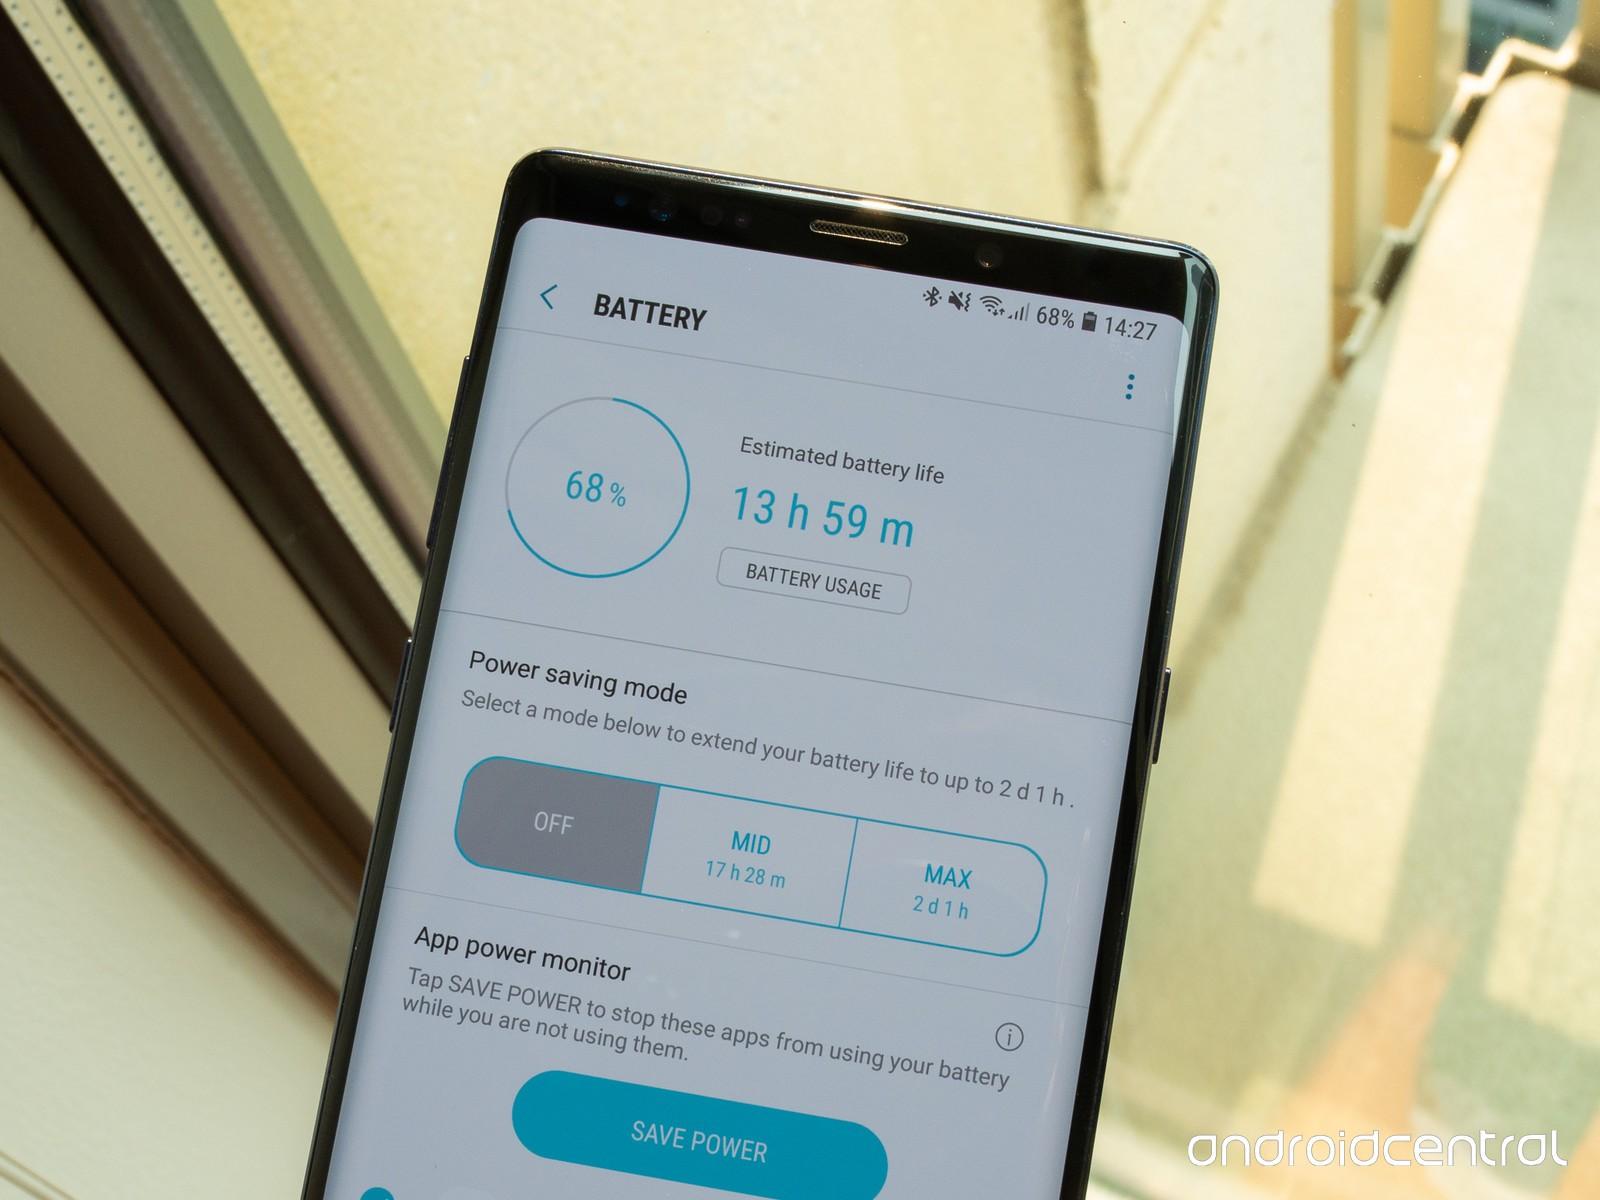 Kiểm tra độ chai pin điện thoại của Samsung